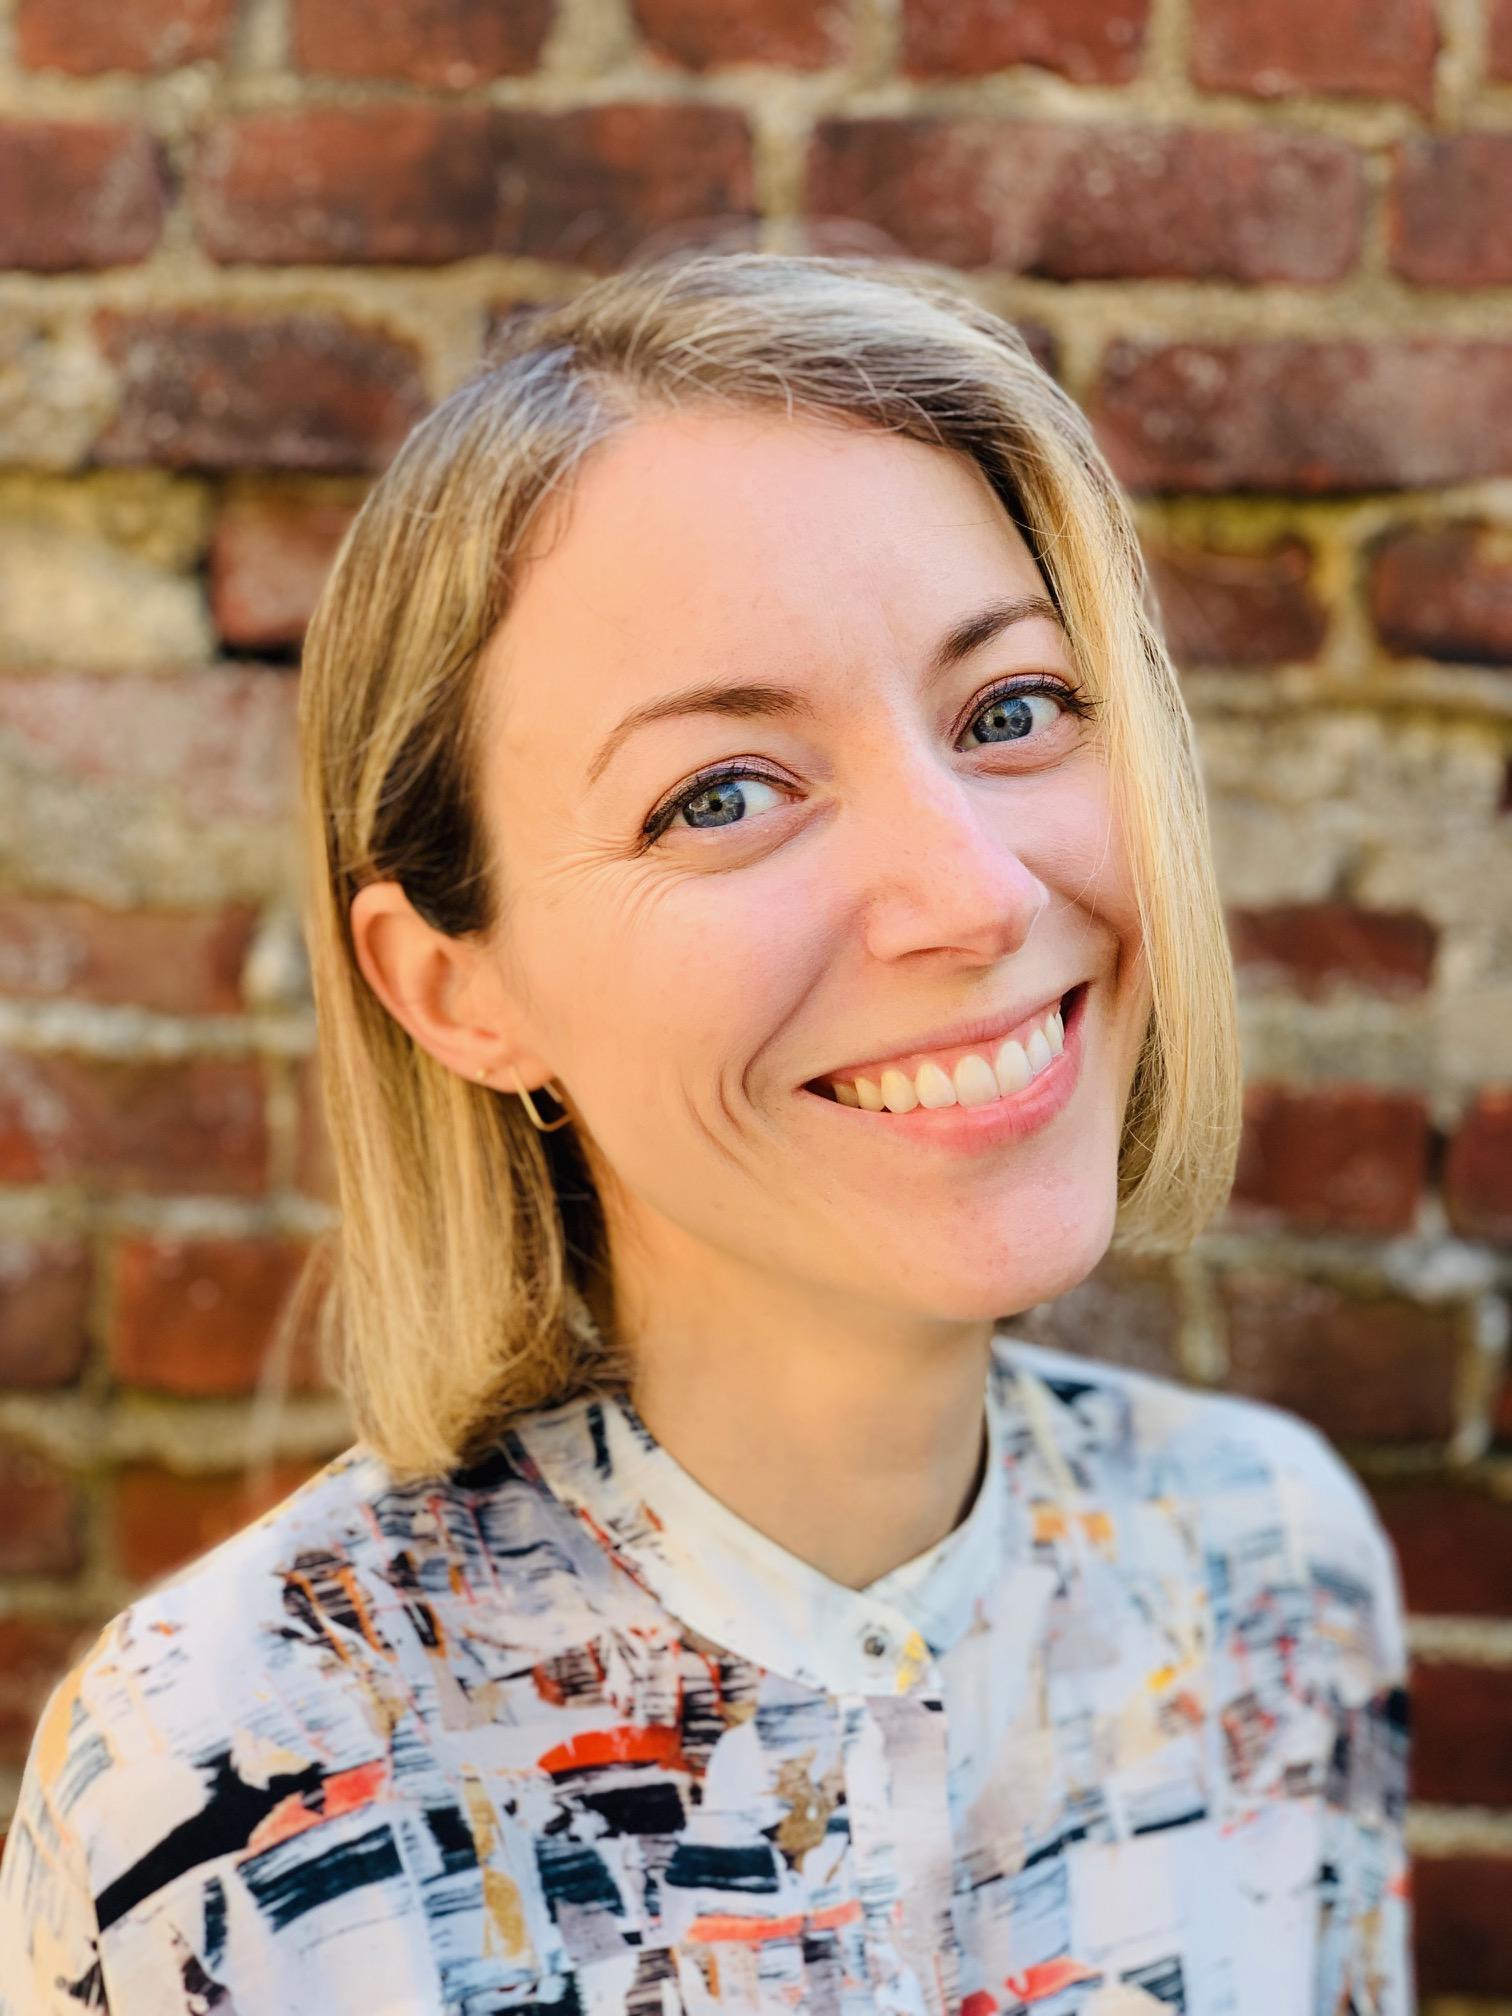 Michaeline Sander, founder of Sander Design & Art Consulting.